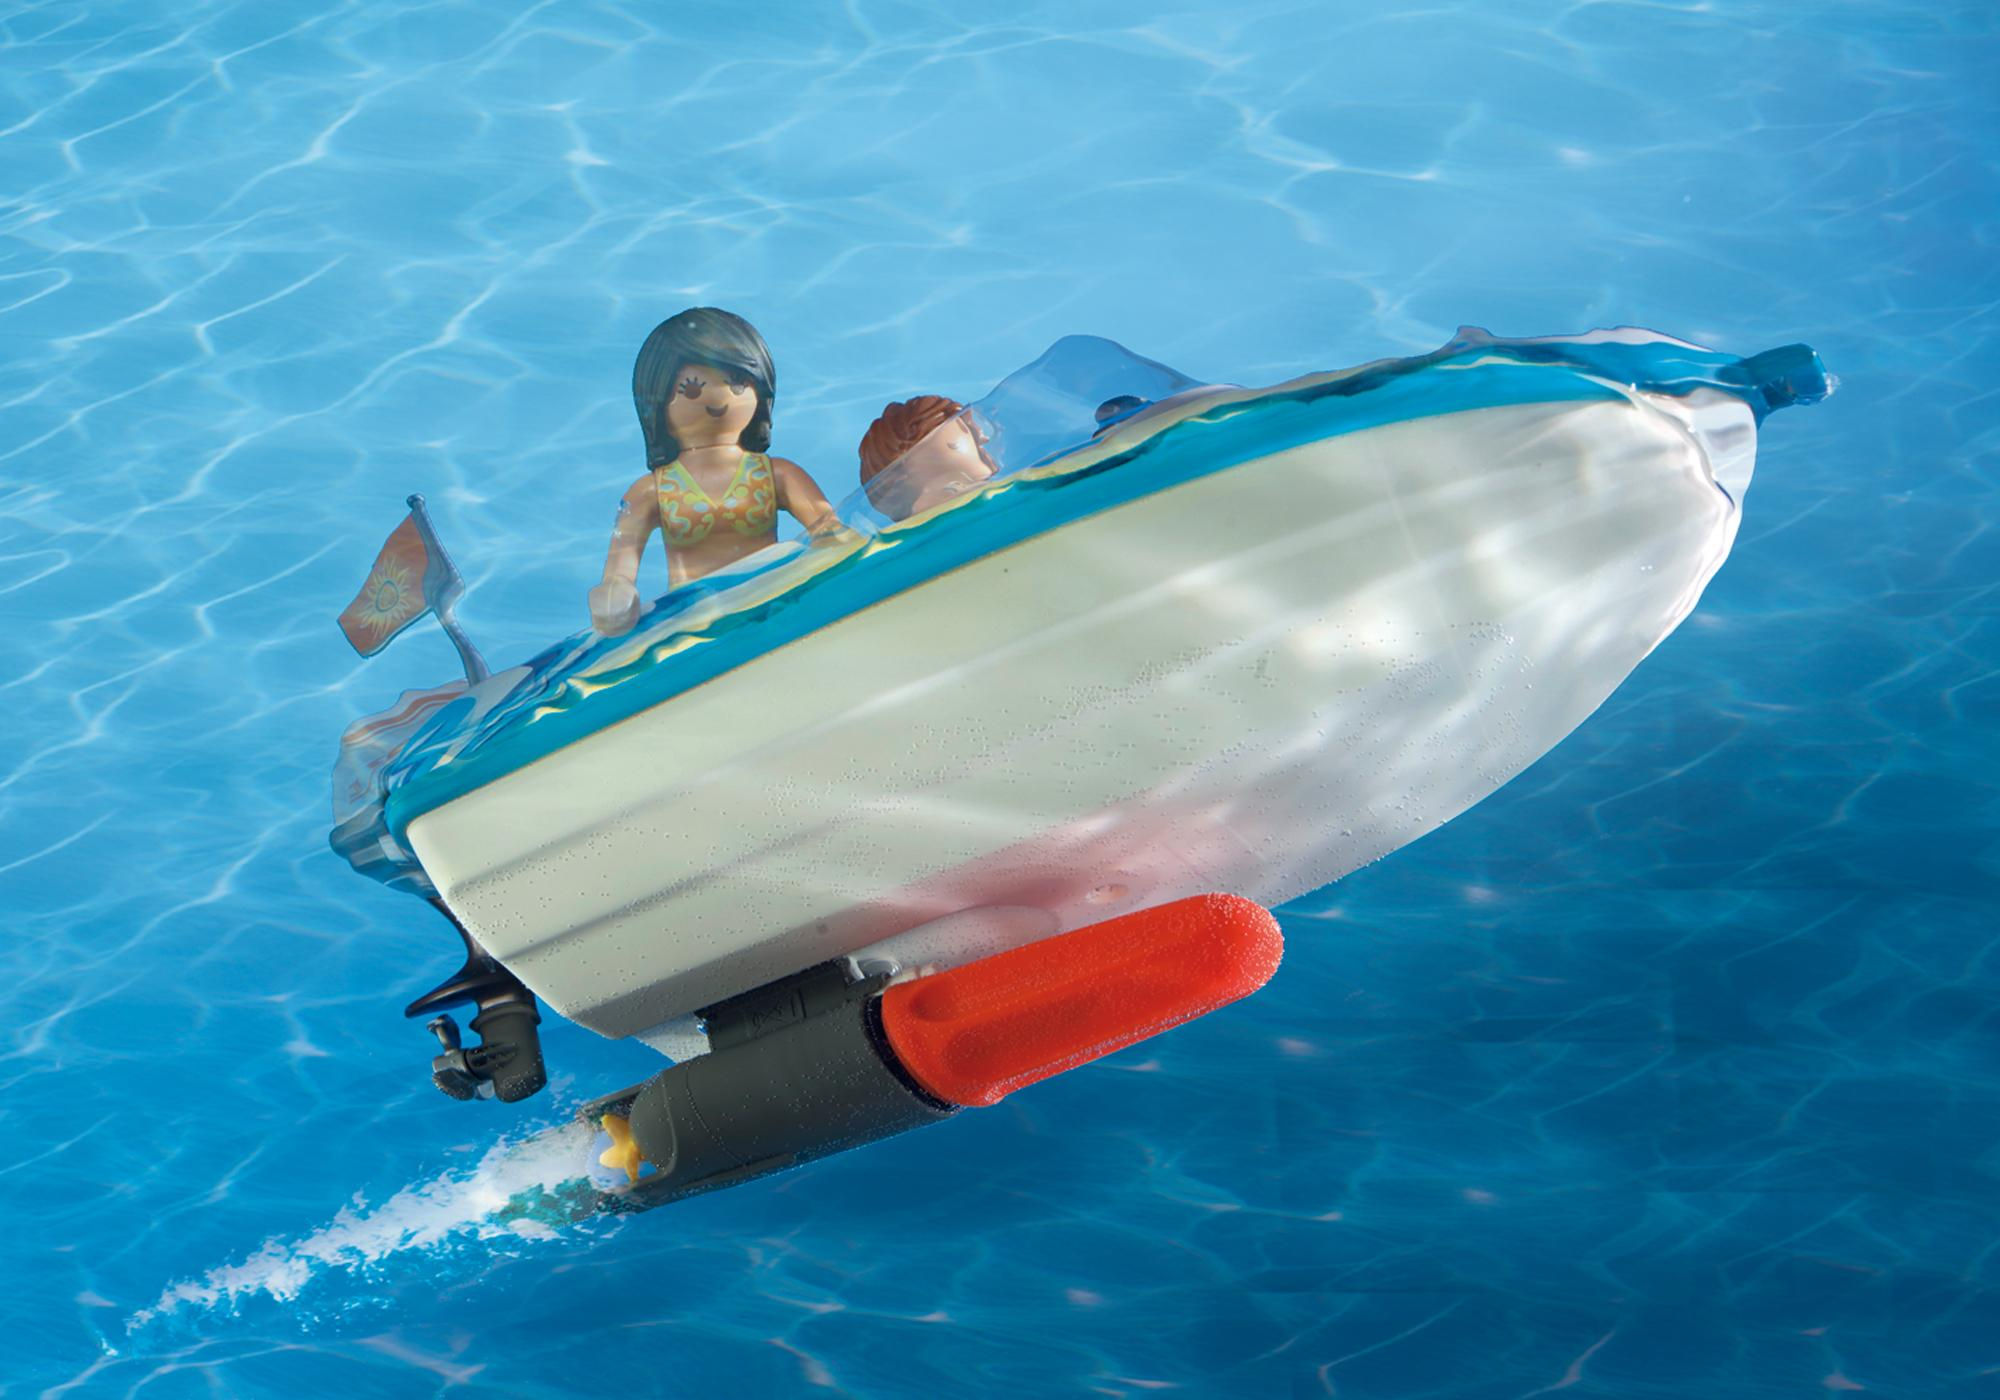 http://media.playmobil.com/i/playmobil/6864_product_extra3/Pick-up com barco